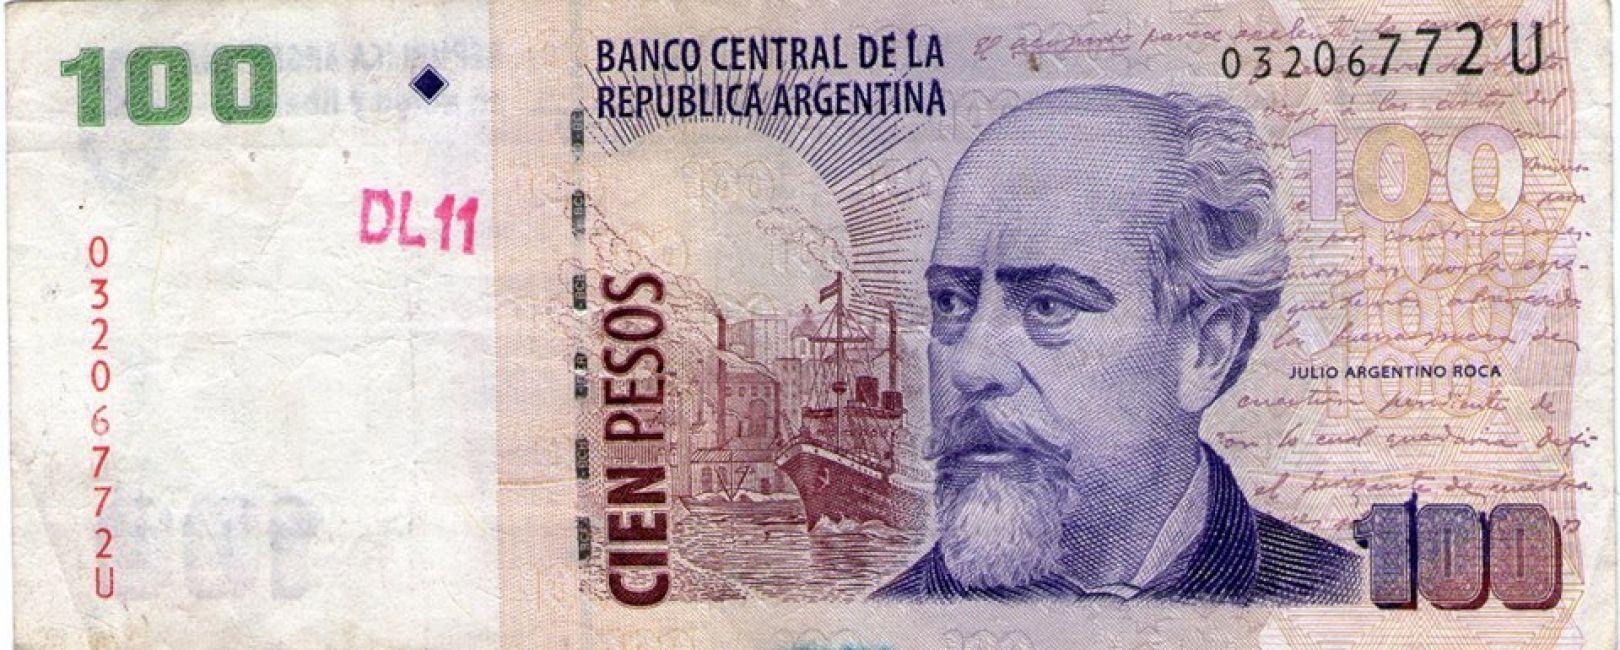 Billetes argentinos que tienen m s valor del que pens s for Ultimos chimentos dela farandula argentina